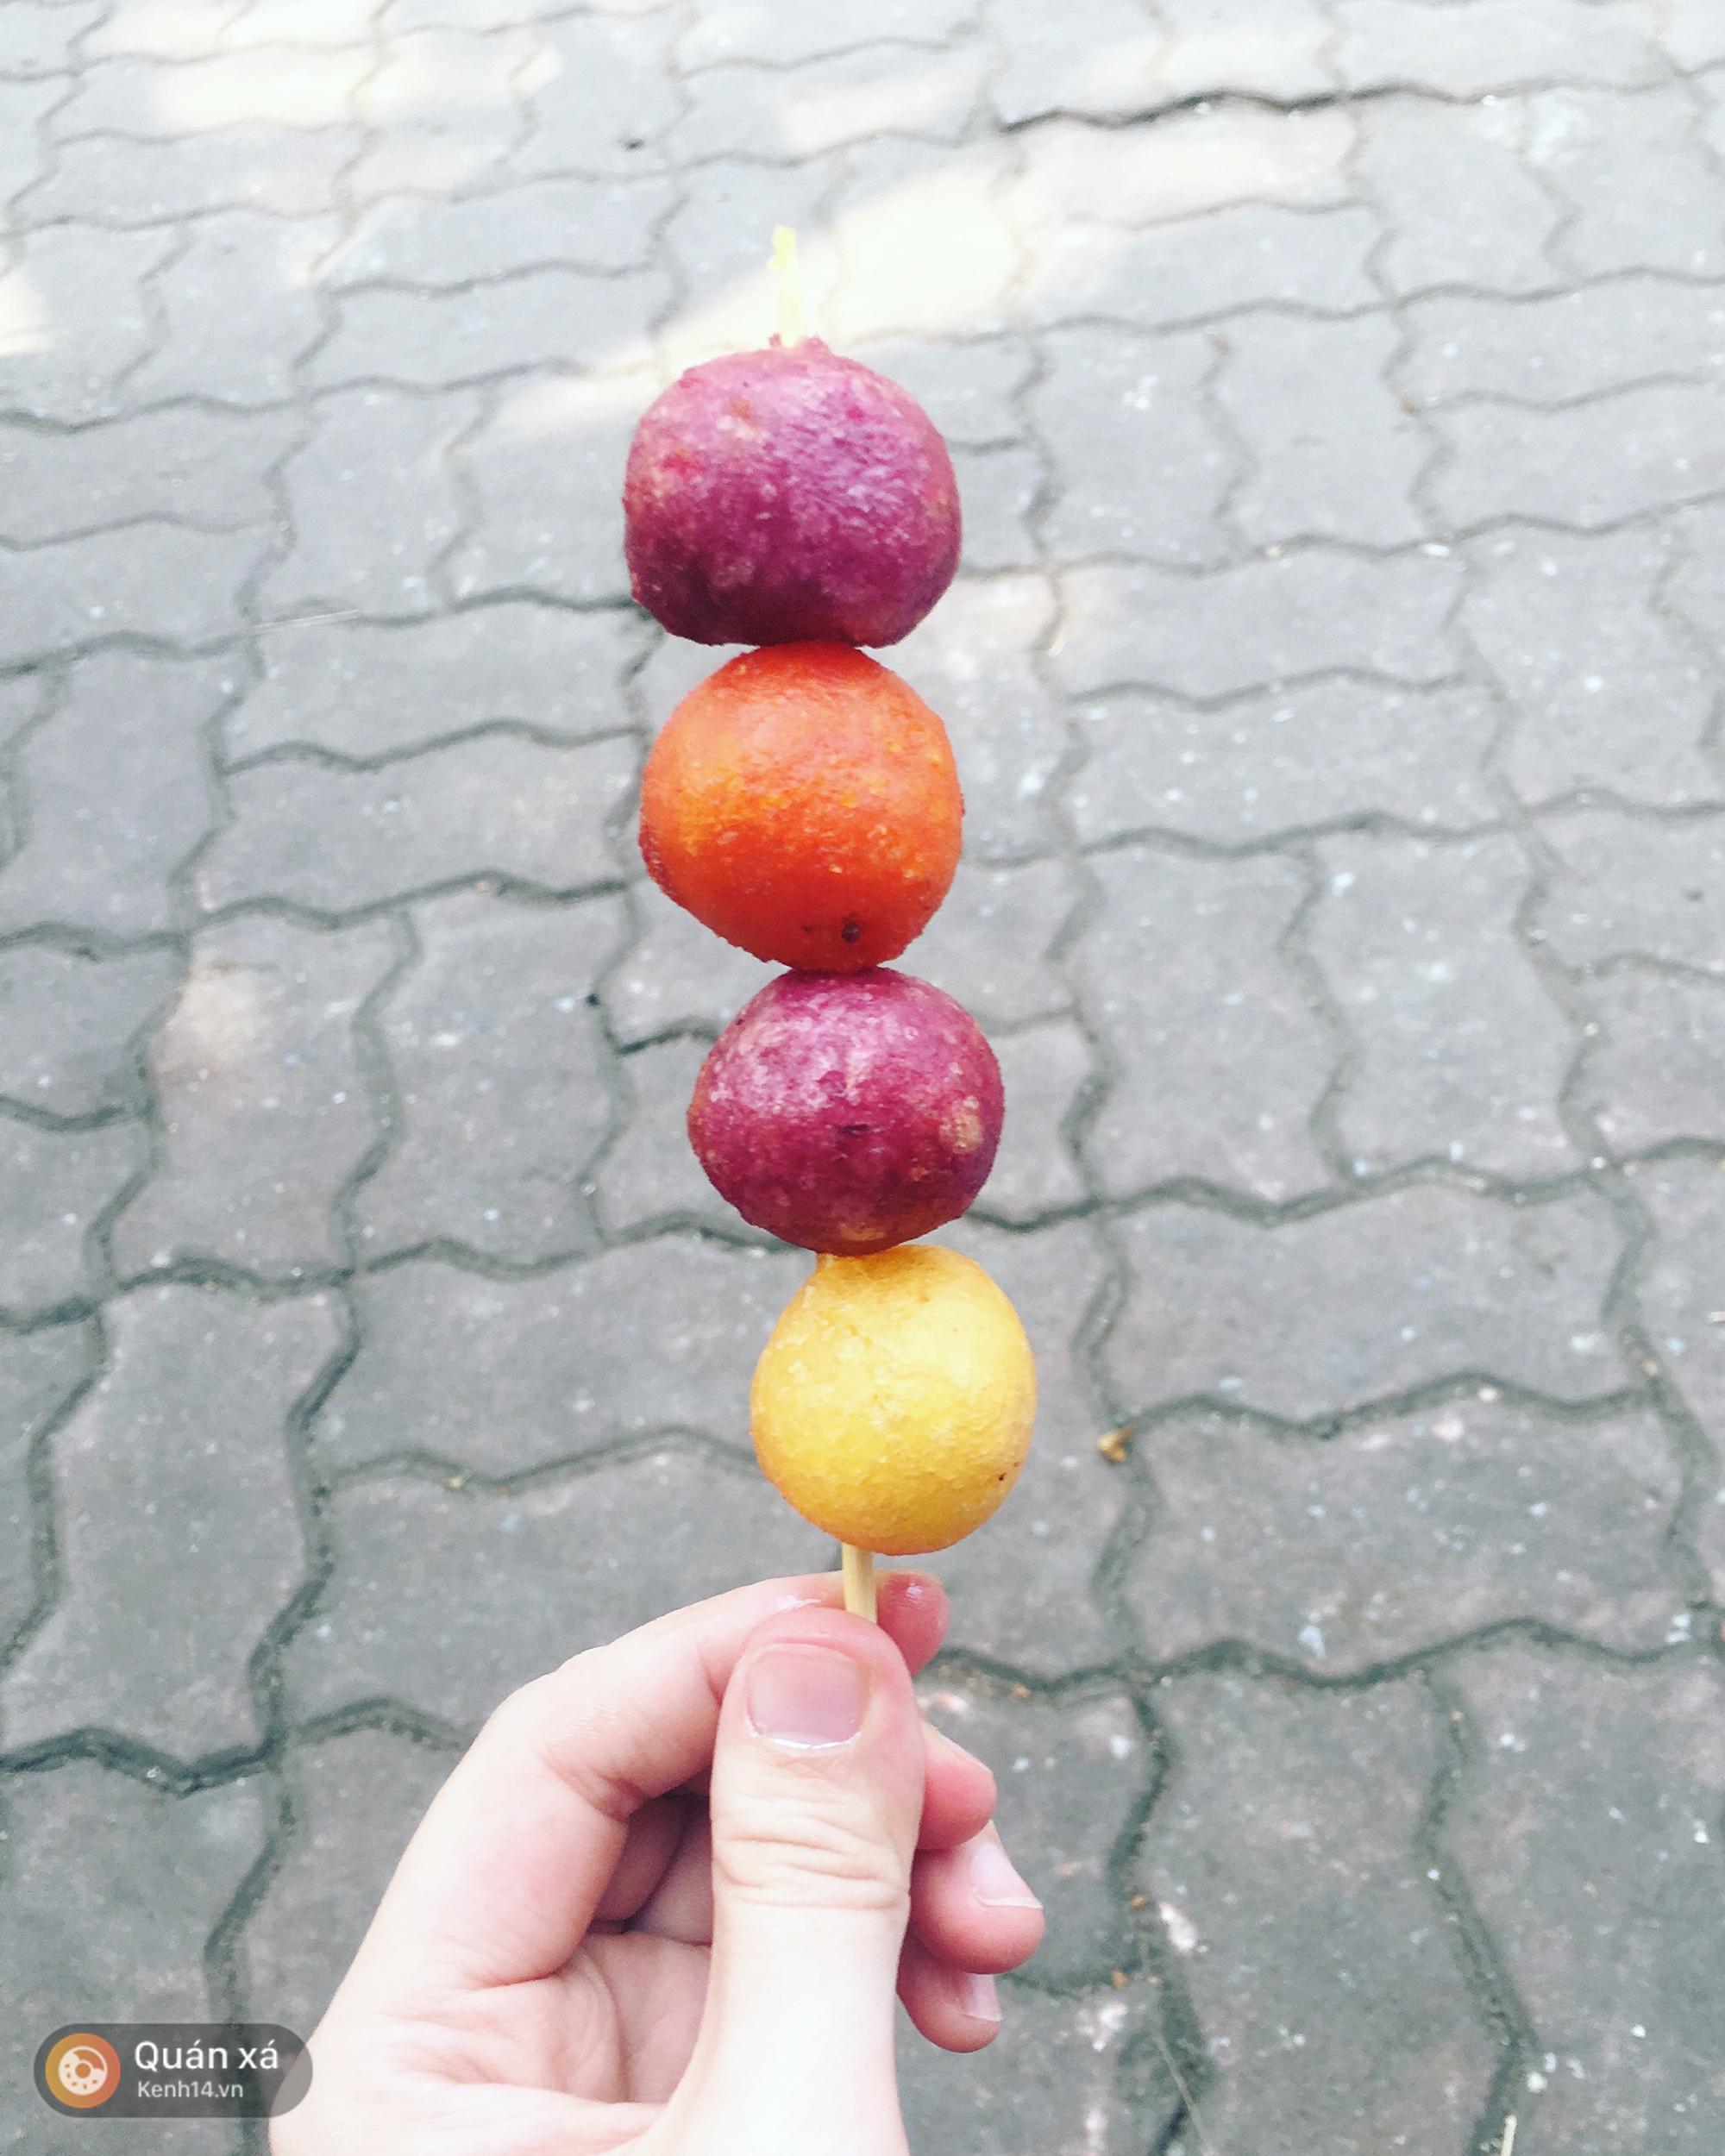 Bánh rán sống ảo chỉ 500 đồng: ăn ngon mà chụp lên ảnh thì đẹp vô đối - Ảnh 6.